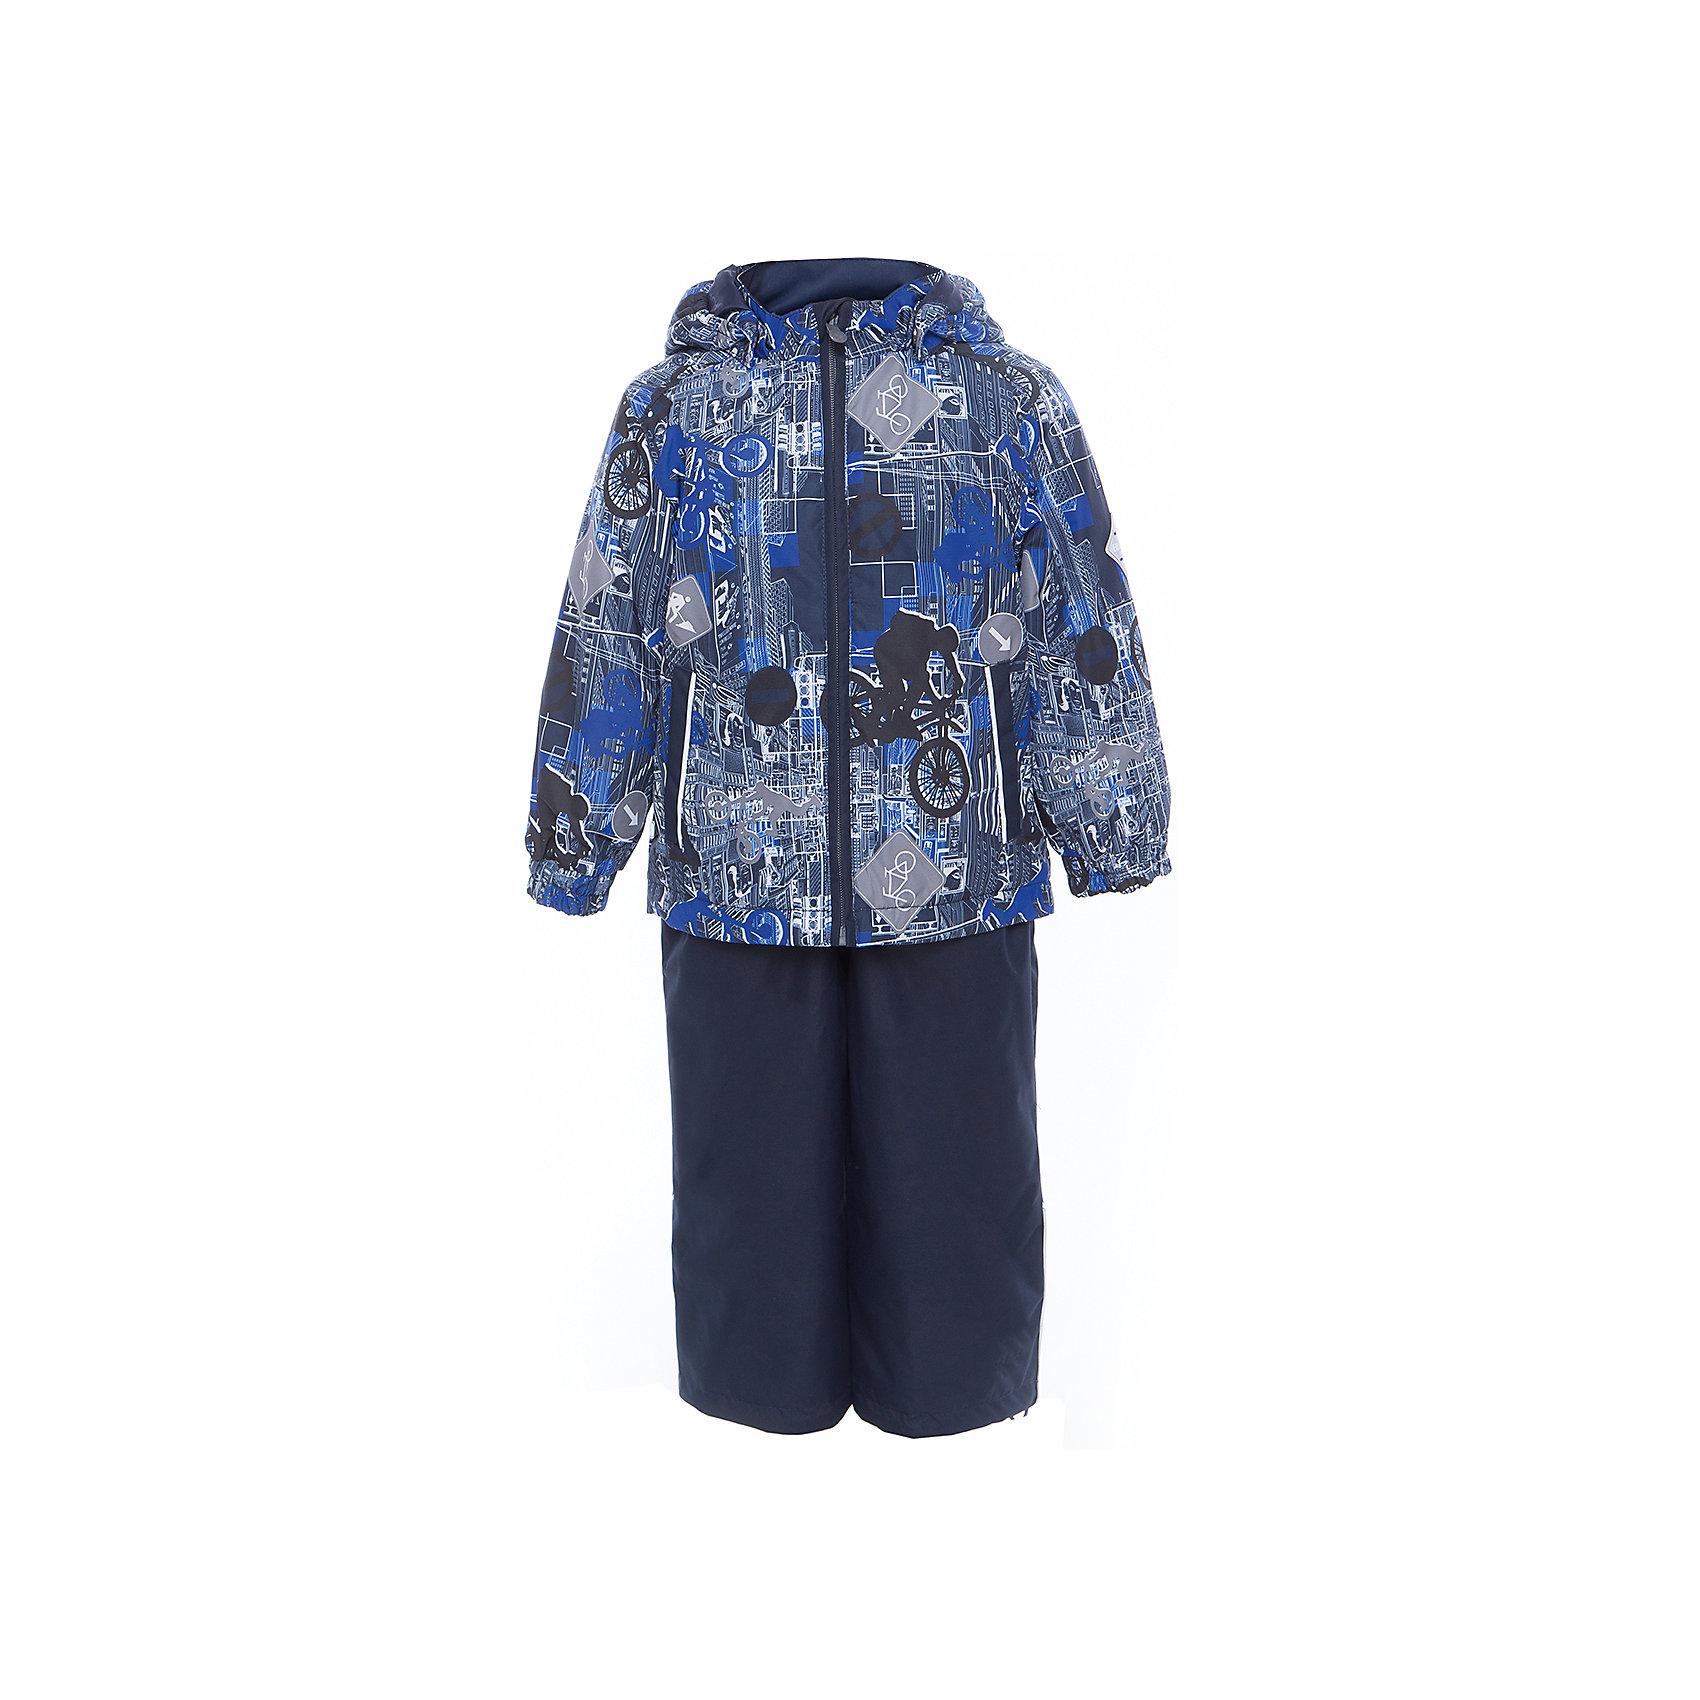 Комплект: куртка и полукомбинезон YOKO для мальчика HuppaВерхняя одежда<br>Характеристики товара:<br><br>• цвет: тёмно-синий принт<br>• комплектация: куртка и полукомбинезон <br>• ткань: 100% полиэстер<br>• подкладка: тафта - 100% полиэстер<br>• утеплитель: в куртке и в брюках - 100% полиэстер 100 г<br>• температурный режим: от -5°С до +10°С<br>• водонепроницаемость: 10000 мм<br>• воздухопроницаемость: 10000 мм<br>• светоотражающие детали<br>• шов сидения проклеен<br>• эластичный шнур по низу куртки<br>• эластичный шнур с фиксатором внизу брючин<br>• съёмный капюшон с резинкой<br>• эластичные манжеты рукавов<br>• регулируемые низы брючин<br>• без внутренних швов<br>• резиновые подтяжки<br>• коллекция: весна-лето 2017<br>• страна бренда: Эстония<br><br>Такой модный демисезонный комплект  обеспечит детям тепло и комфорт. Он сделан из материала, отталкивающего воду, и дополнен подкладкой с утеплителем, поэтому изделие идеально подходит для межсезонья. Материал изделий - с мембранной технологией: защищая от влаги и ветра, он легко выводит лишнюю влагу наружу. Комплект очень симпатично смотрится. <br><br>Одежда и обувь от популярного эстонского бренда Huppa - отличный вариант одеть ребенка можно и комфортно. Вещи, выпускаемые компанией, качественные, продуманные и очень удобные. Для производства изделий используются только безопасные для детей материалы. Продукция от Huppa порадует и детей, и их родителей!<br><br>Комплект: куртка и полукомбинезон YOKO от бренда Huppa (Хуппа) можно купить в нашем интернет-магазине.<br><br>Ширина мм: 356<br>Глубина мм: 10<br>Высота мм: 245<br>Вес г: 519<br>Цвет: синий<br>Возраст от месяцев: 72<br>Возраст до месяцев: 84<br>Пол: Мужской<br>Возраст: Детский<br>Размер: 122,92,98,104,110,116<br>SKU: 5346795